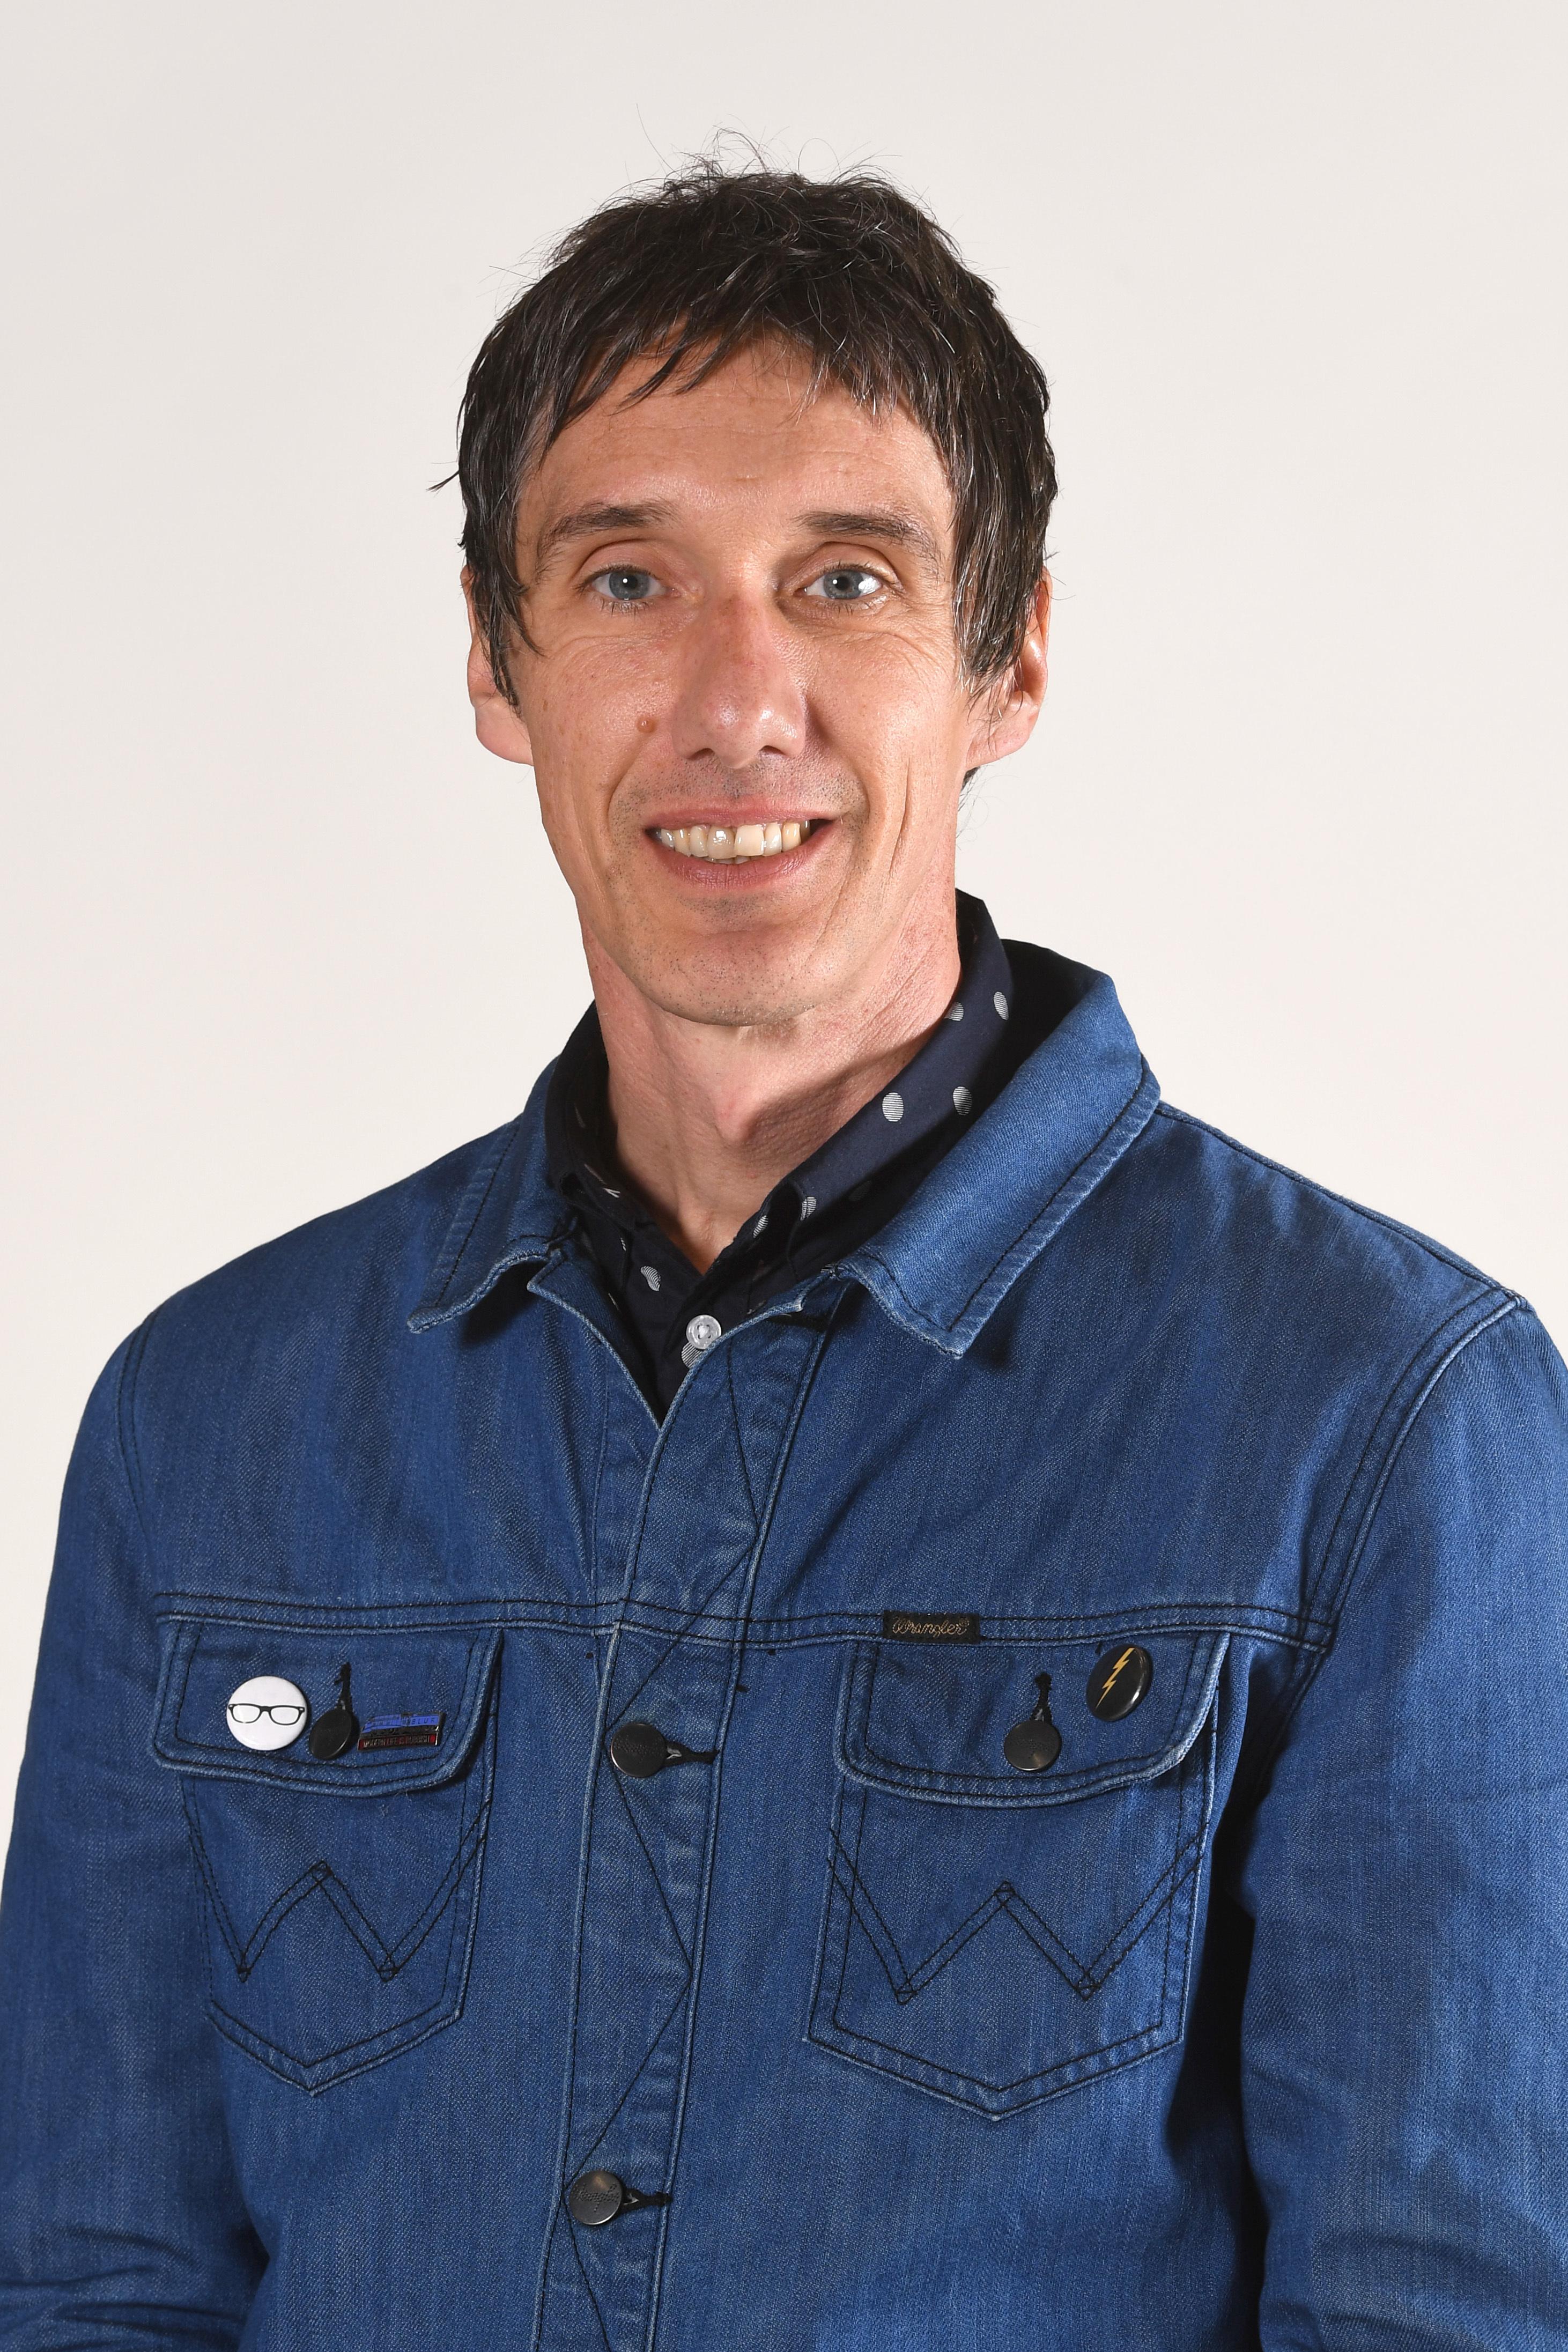 Gareth Schott